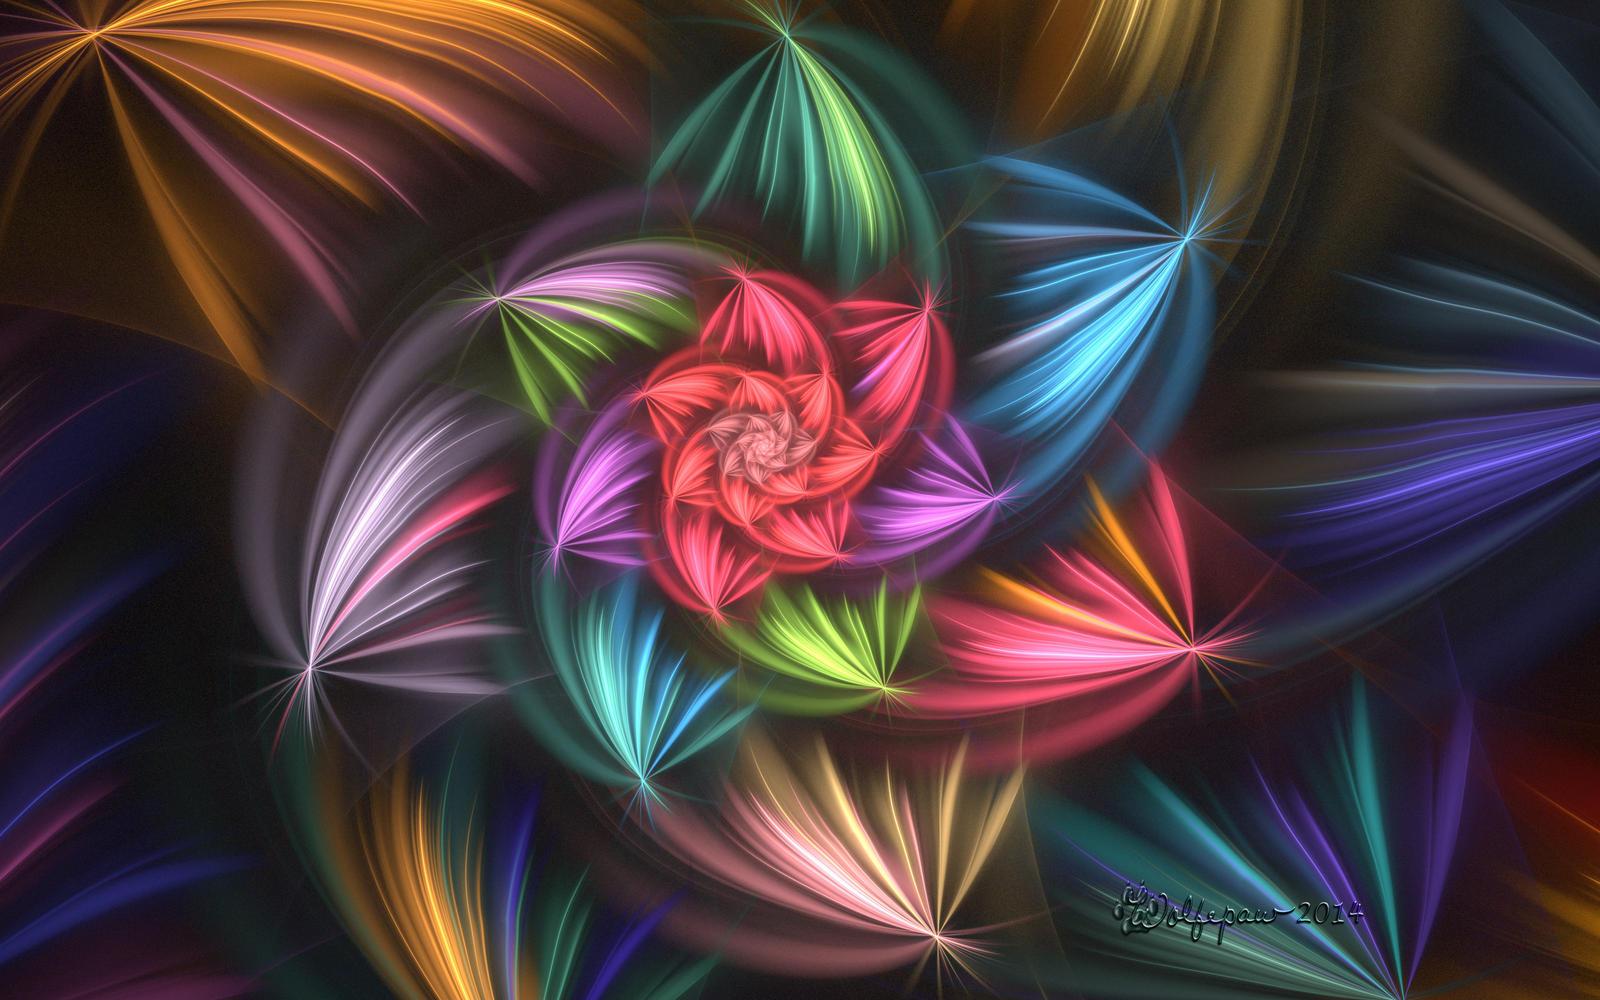 Flower Blur Spiral by wolfepaw